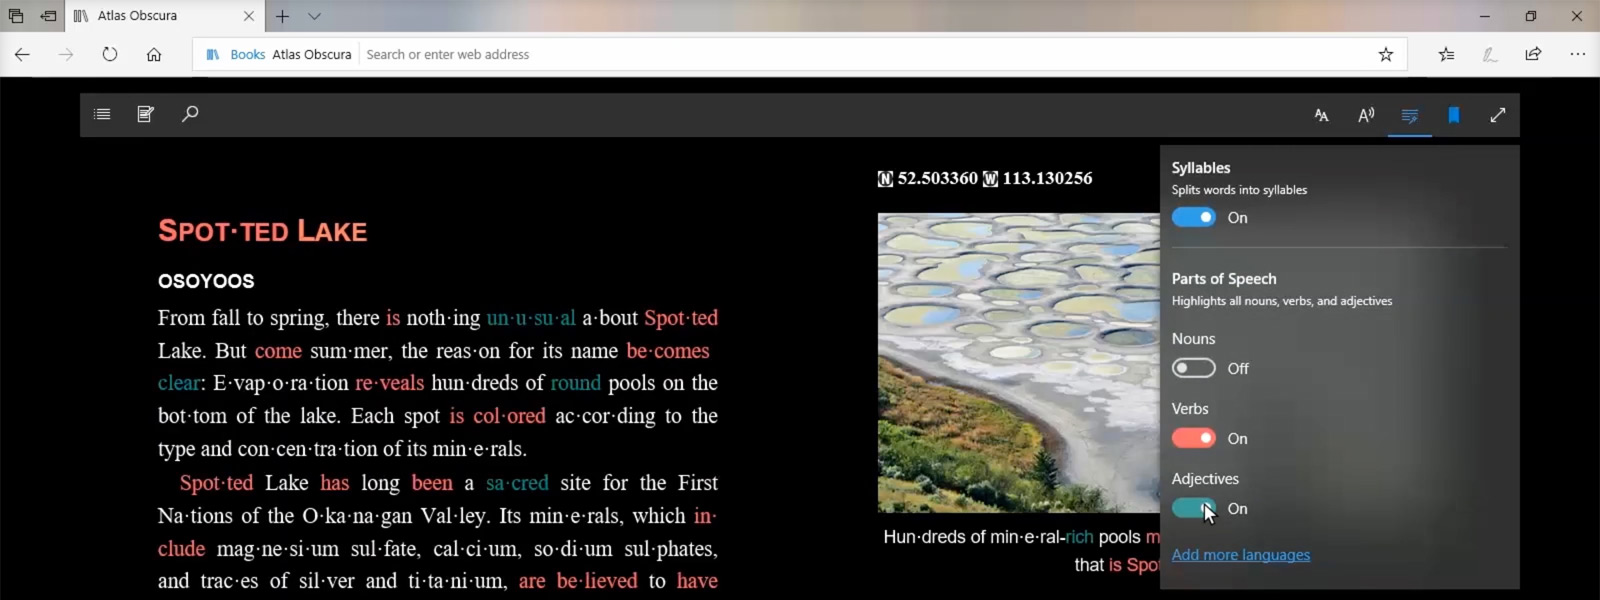 Õpiriistade funktsiooni ekraanipilt, millel on esile tõstetud sellel veebilehel olevad nimisõnad, tegusõnad ja omadussõnad